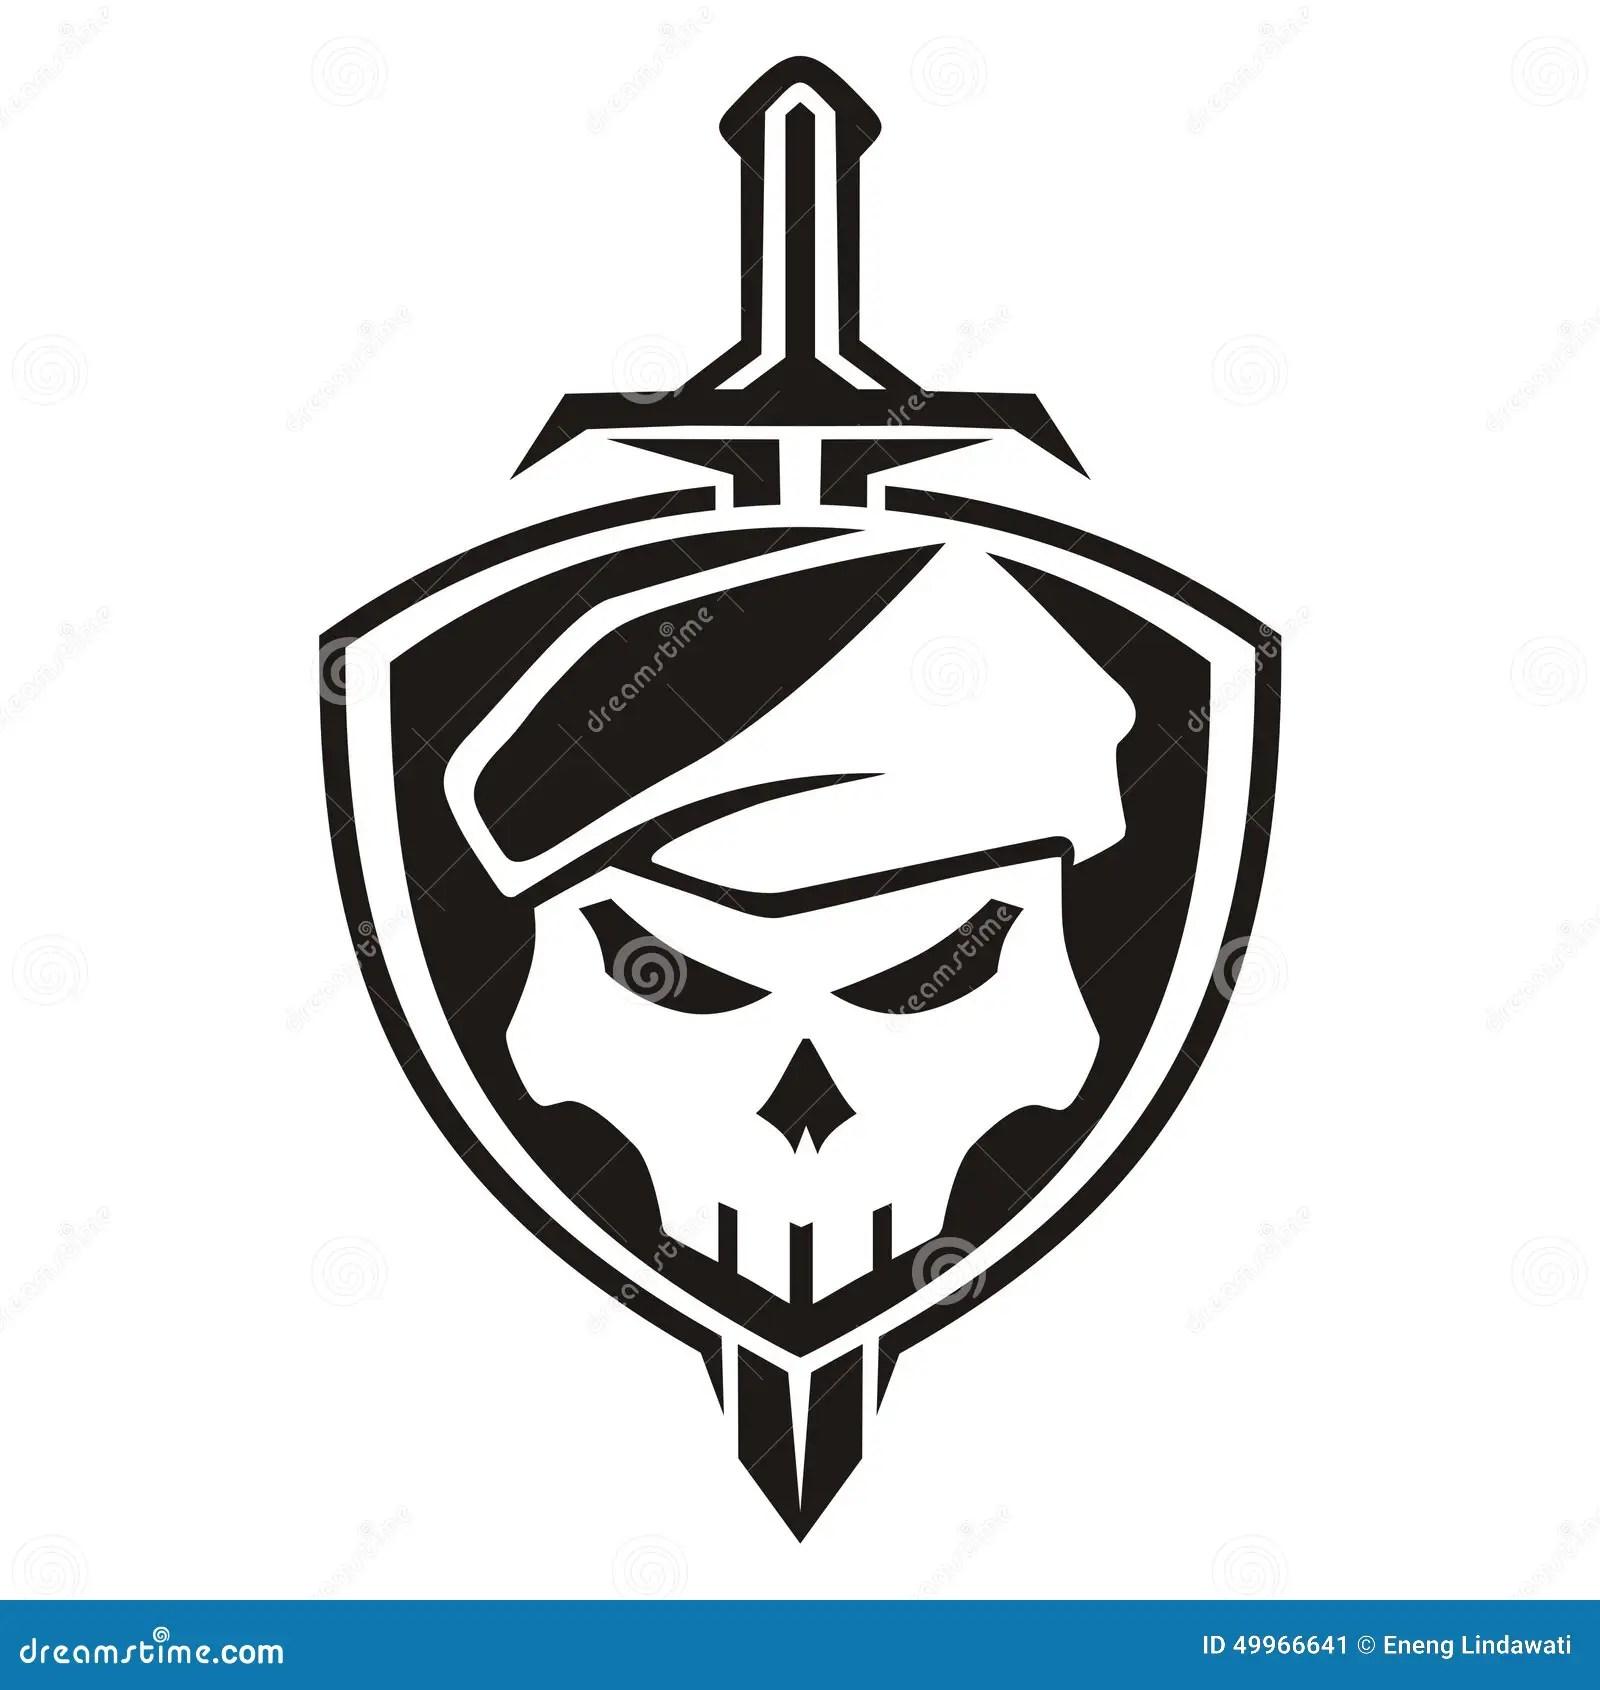 United States Army Infantry Symbol